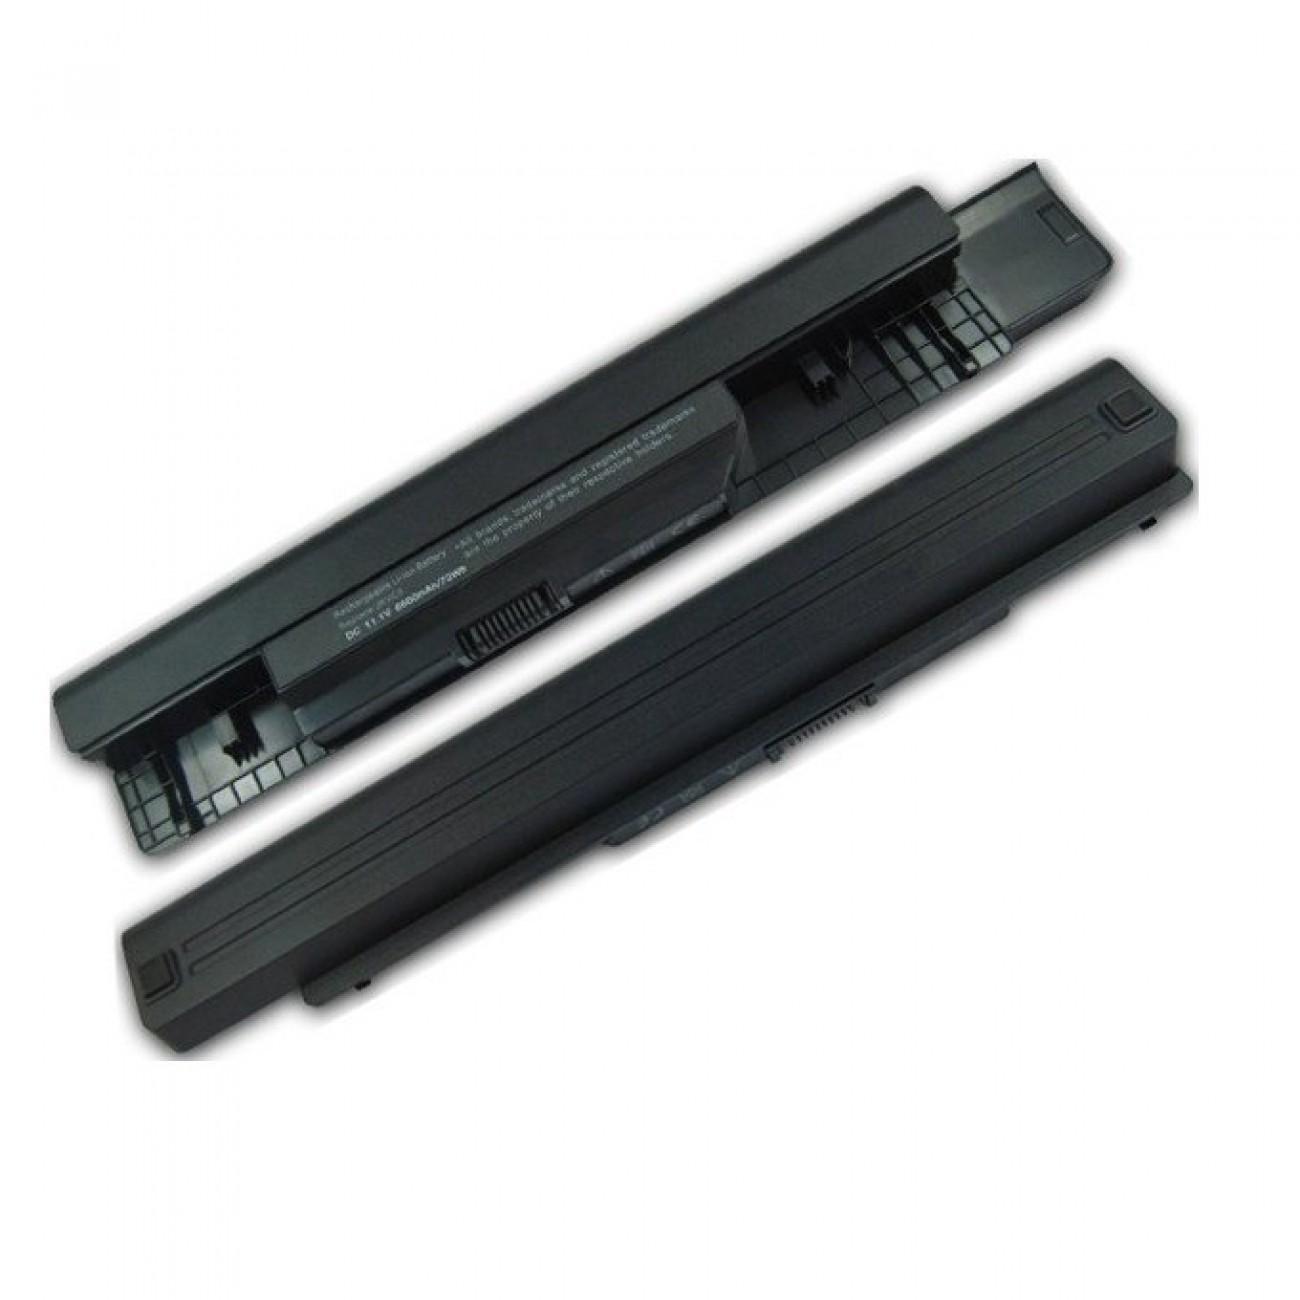 Батерия (заместител) за лаптоп Dell Inspiron 1464, съвместима с 1564/1764, 9cell, 11.1V, 6600mAh в Батерии за Лаптоп - Noname | Alleop